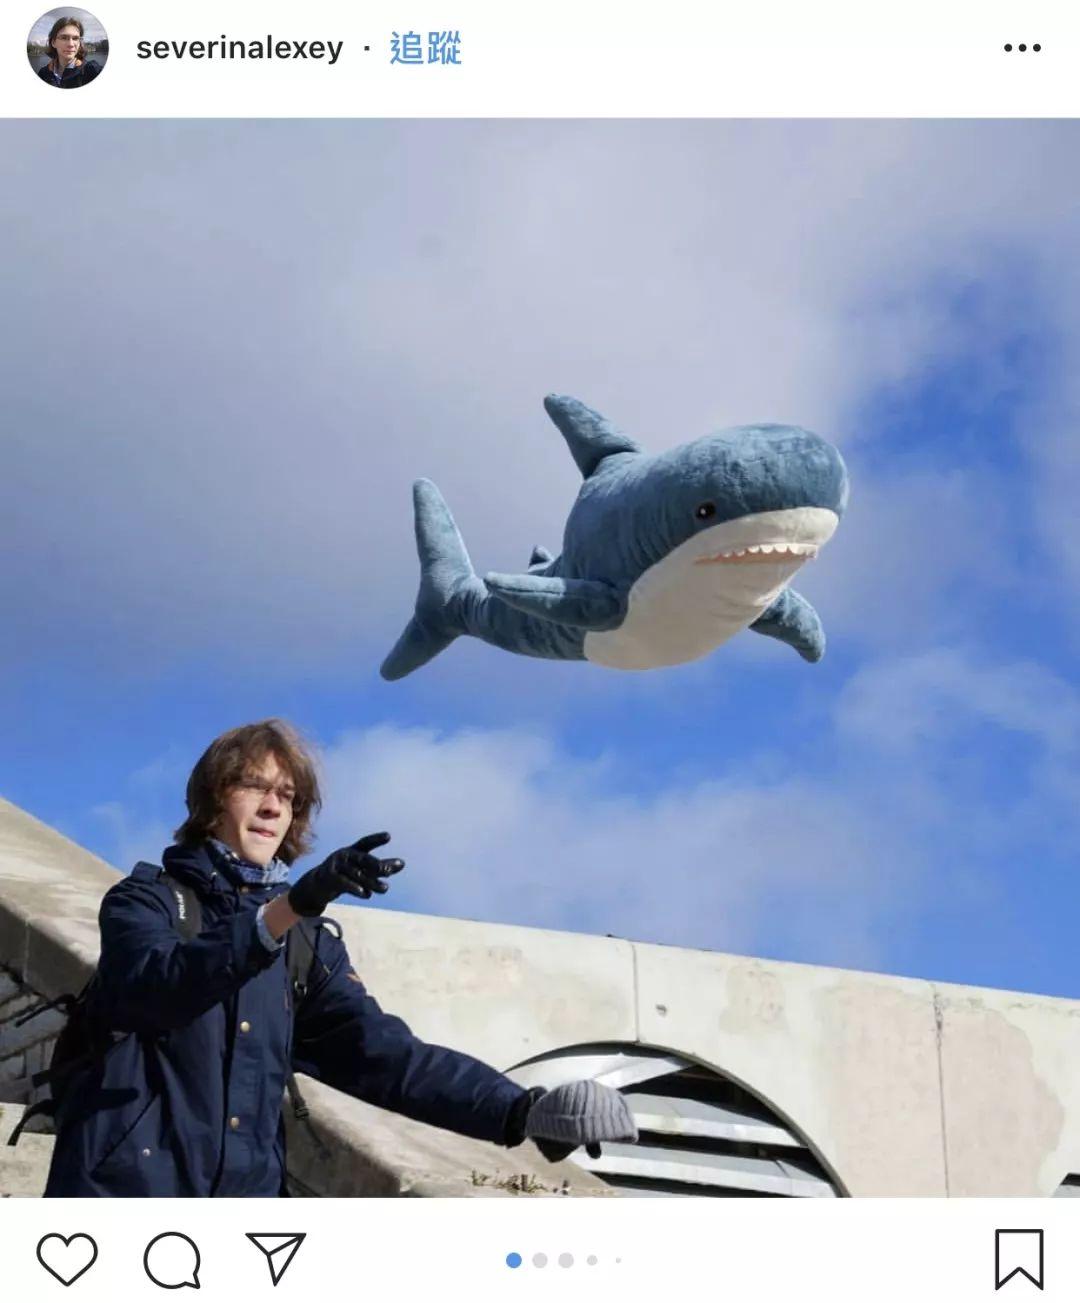 下面分享一对情侣头像:智障儿童欢乐多 这只长约一米的鲨鱼公仔叫blh